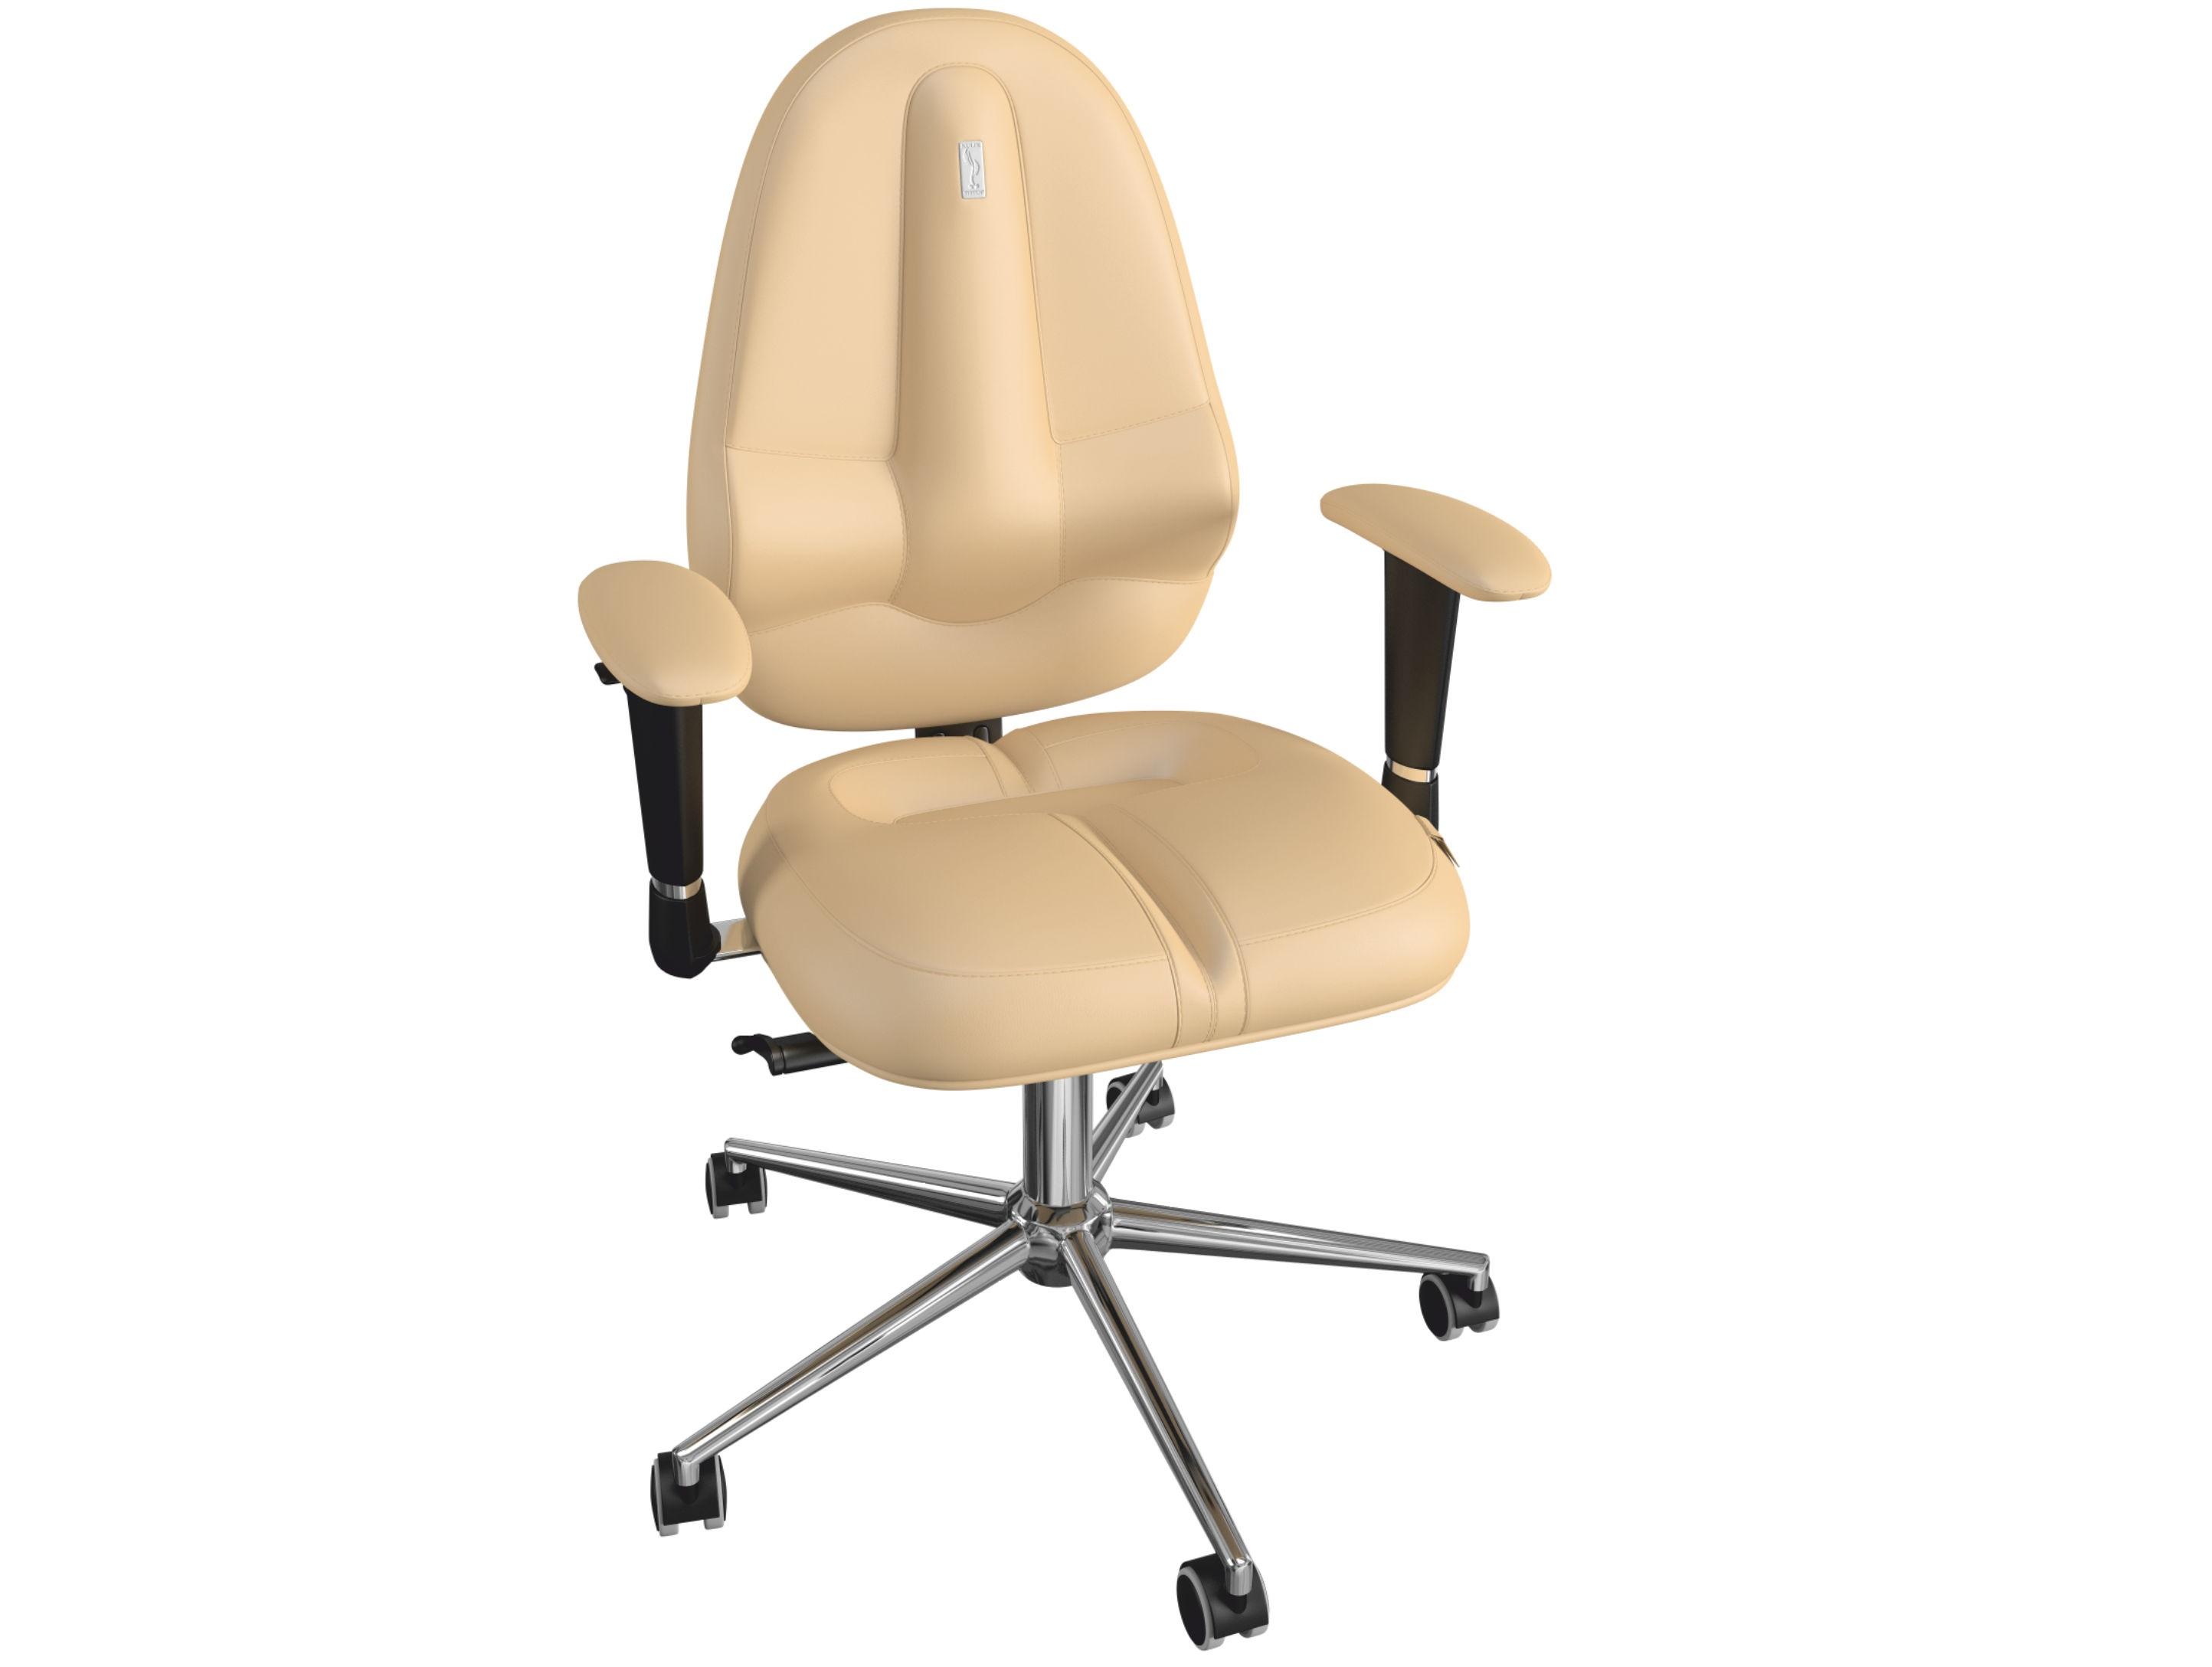 Кресло CLASSIC MAXIРабочие кресла<br>Серия эргономичных кресел CLASSIC всегда привлекает внимание. Классический вид и благородная элегантность моделей этой серии подарят владельцу ощущение гармонии и совершенства. Такое кресло идеально впишется в любой интерьер, будь то самый современный офис или же уютный дом.&amp;amp;nbsp;<br><br>Material: Кожа<br>Length см: -<br>Width см: 66<br>Depth см: 47<br>Height см: 131<br>Diameter см: None